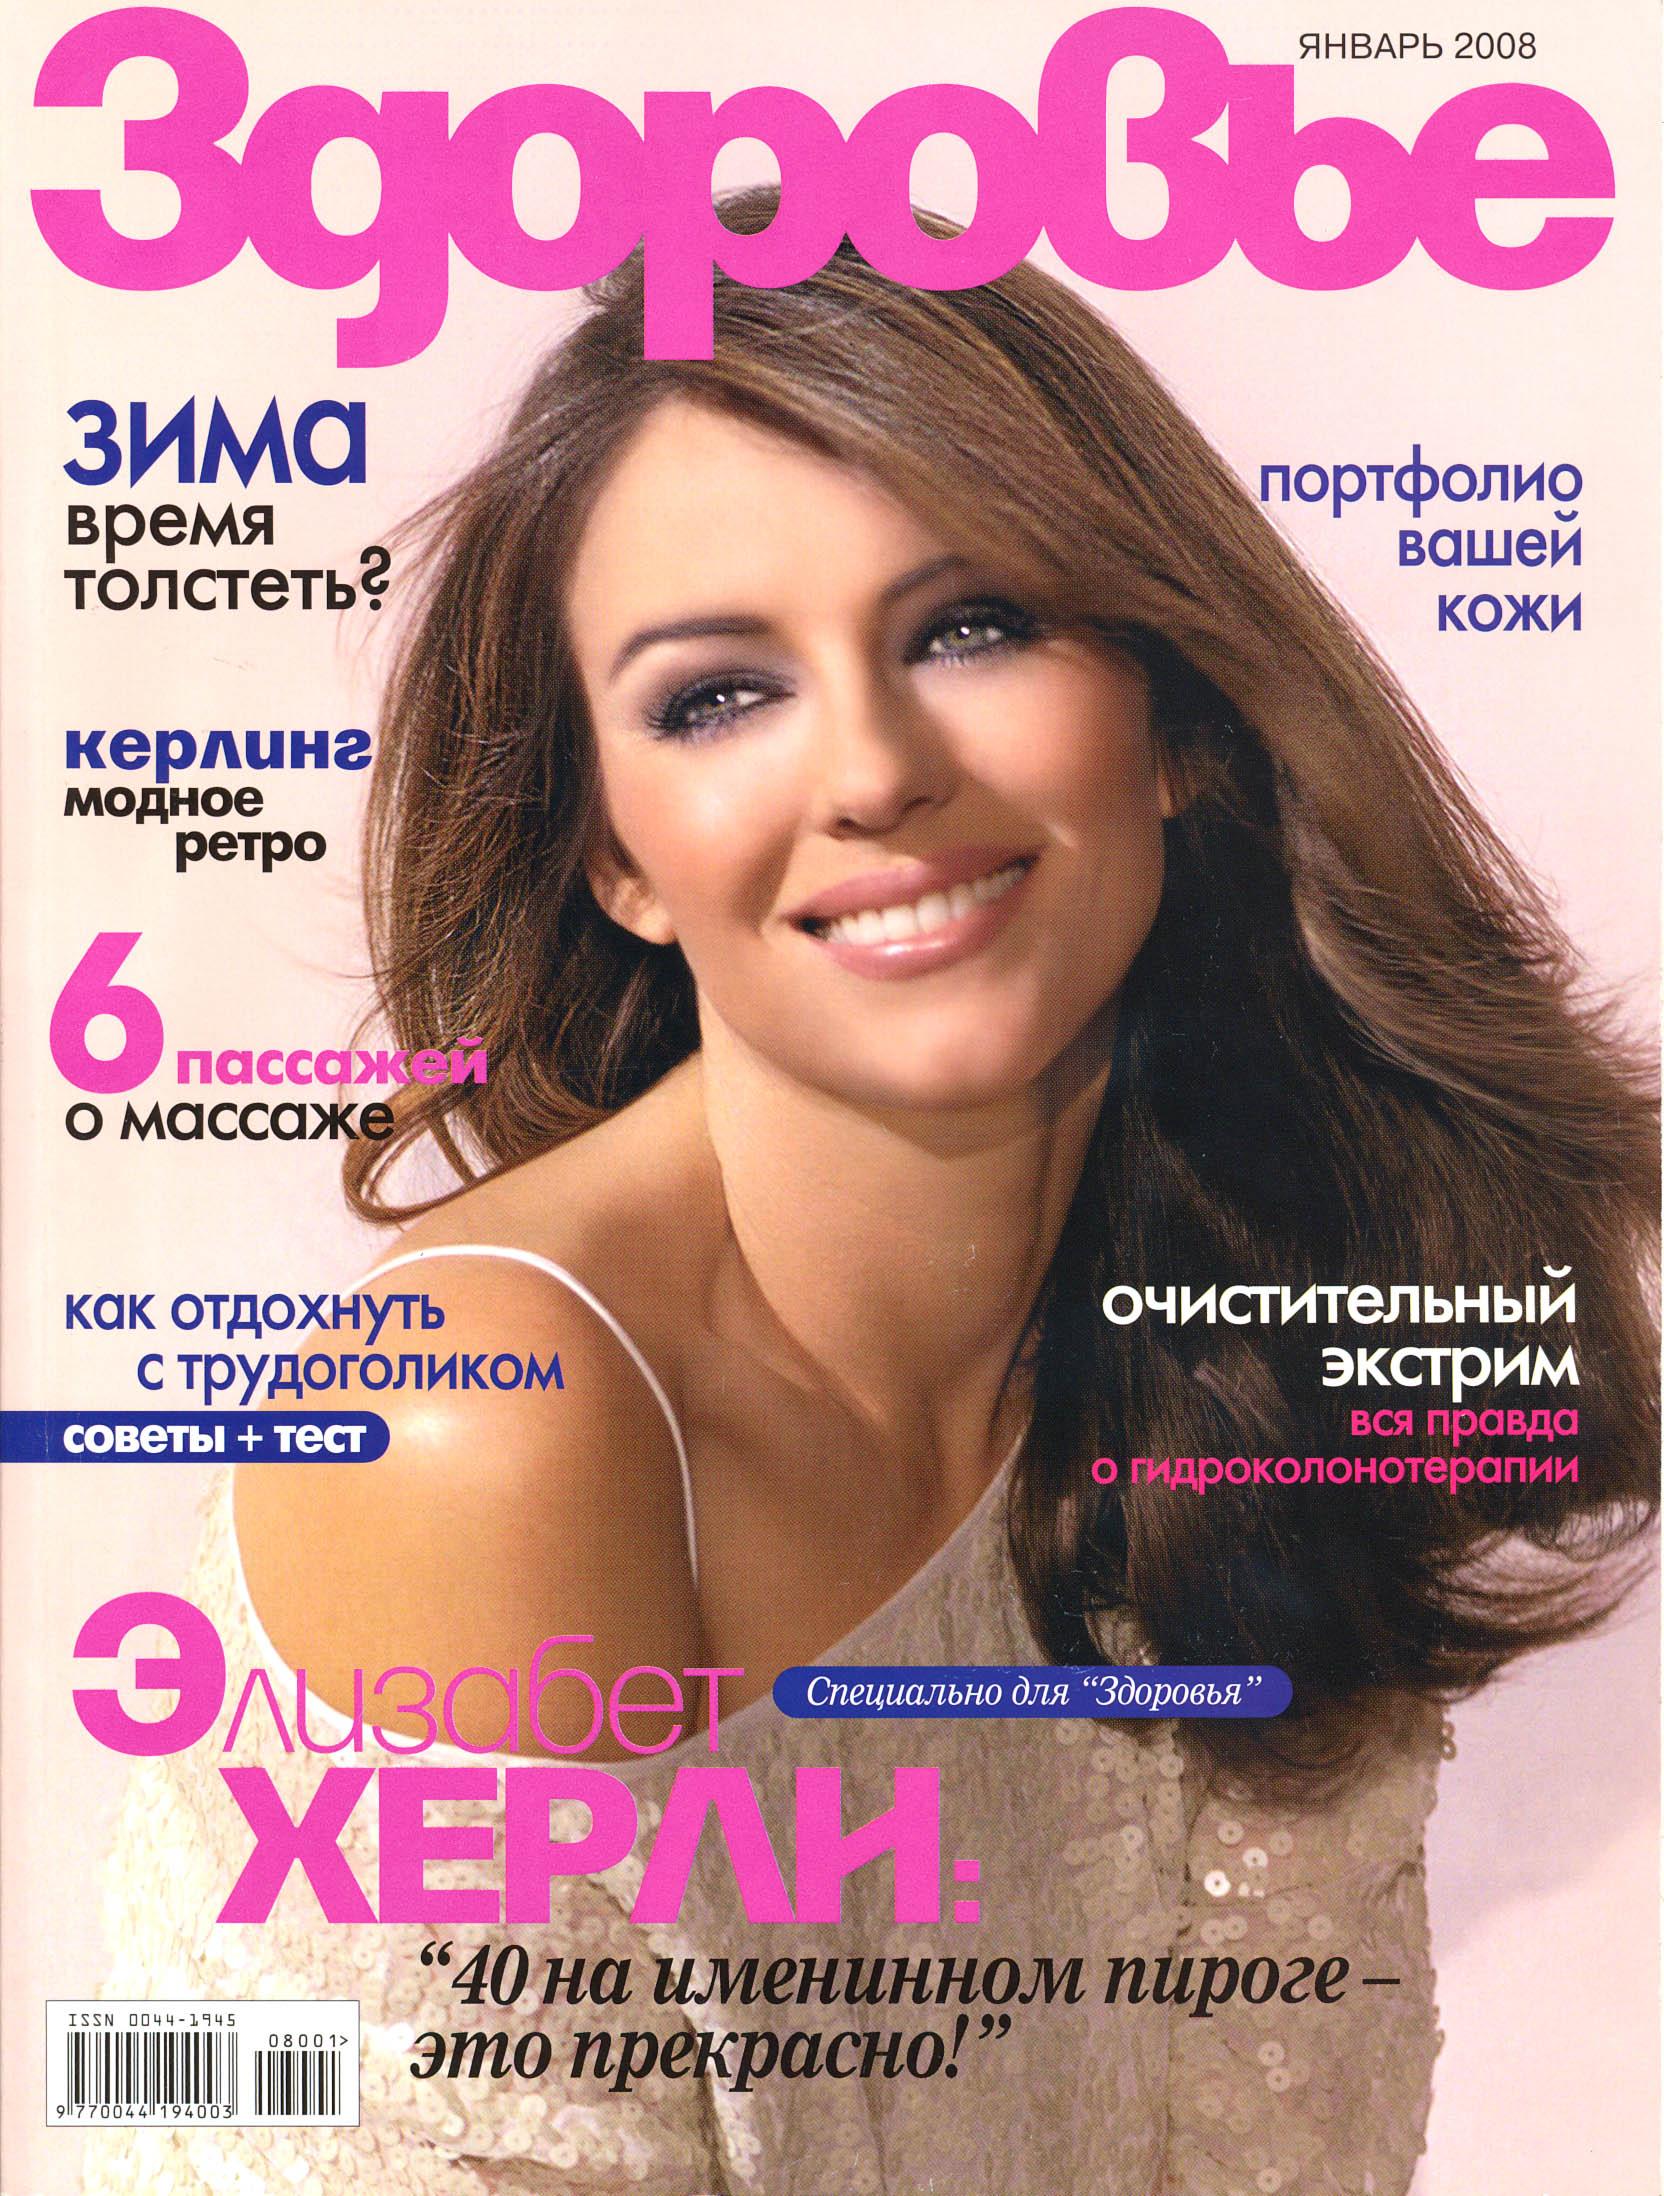 Статья из журнала здоровье